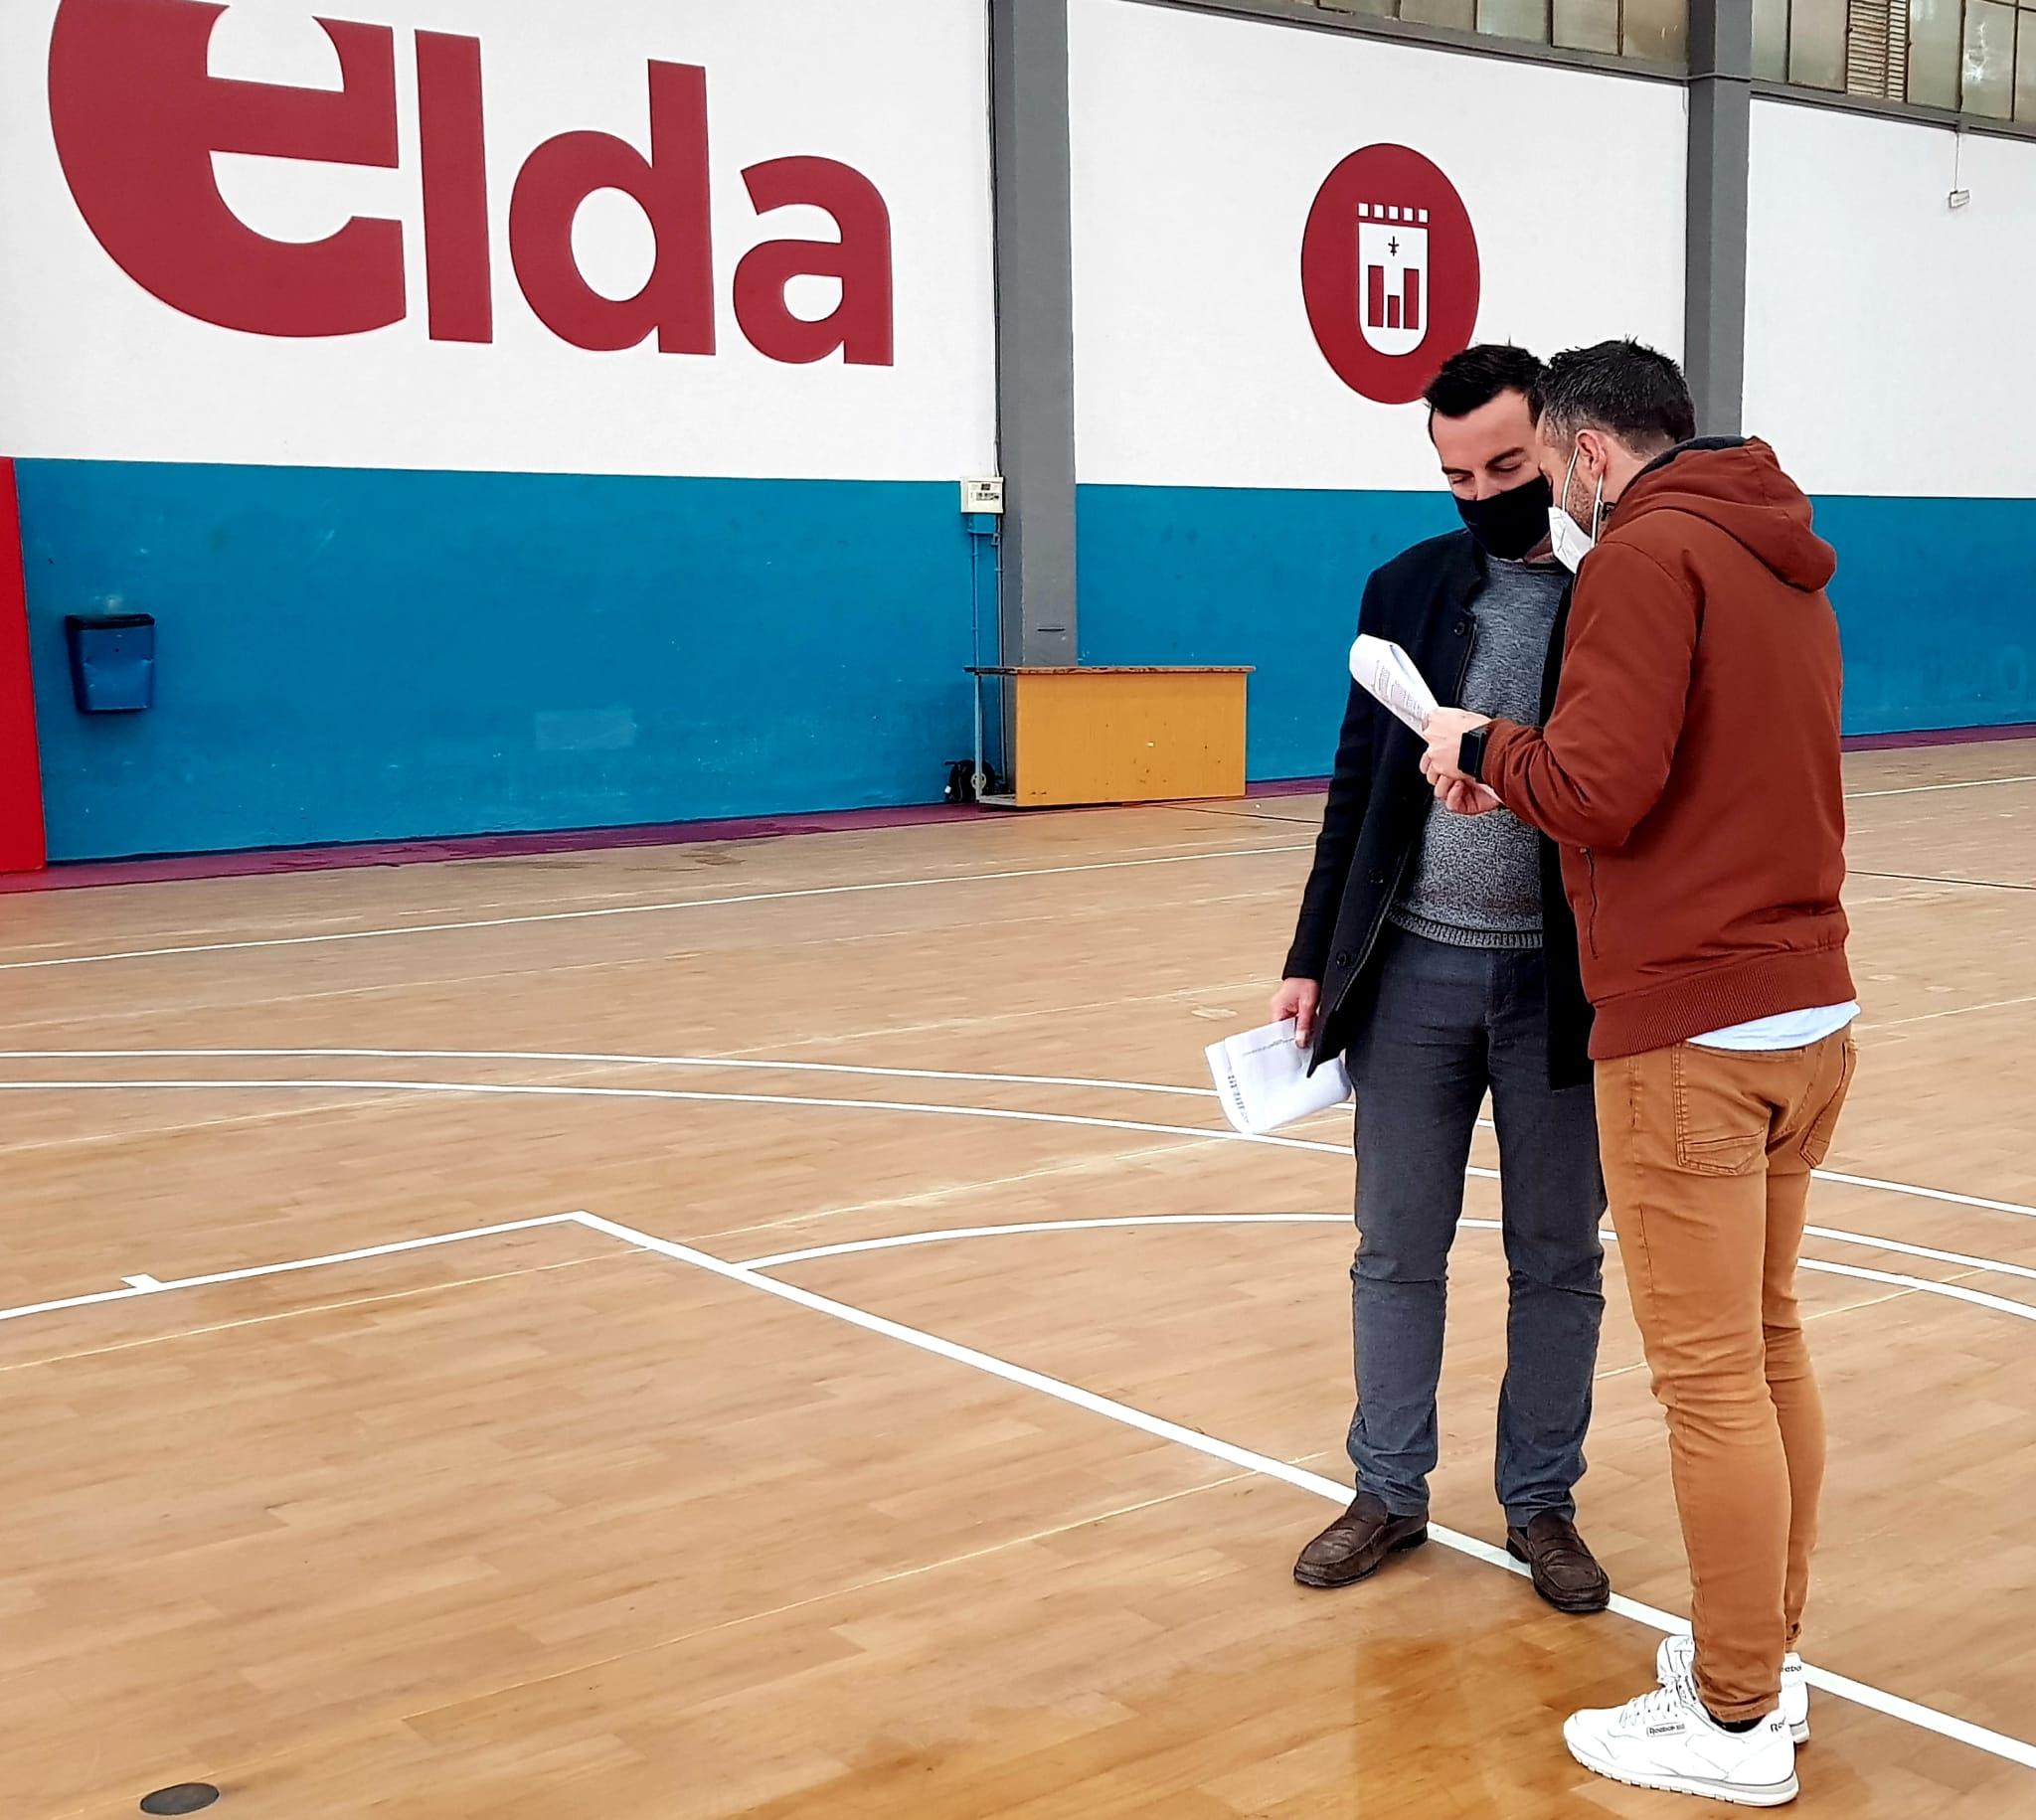 La Concejalía de Deportes comienza los trabajos de mejora de la Pista Azul tras concluir la remodelación del Pabellón Juan Carlos Verdú